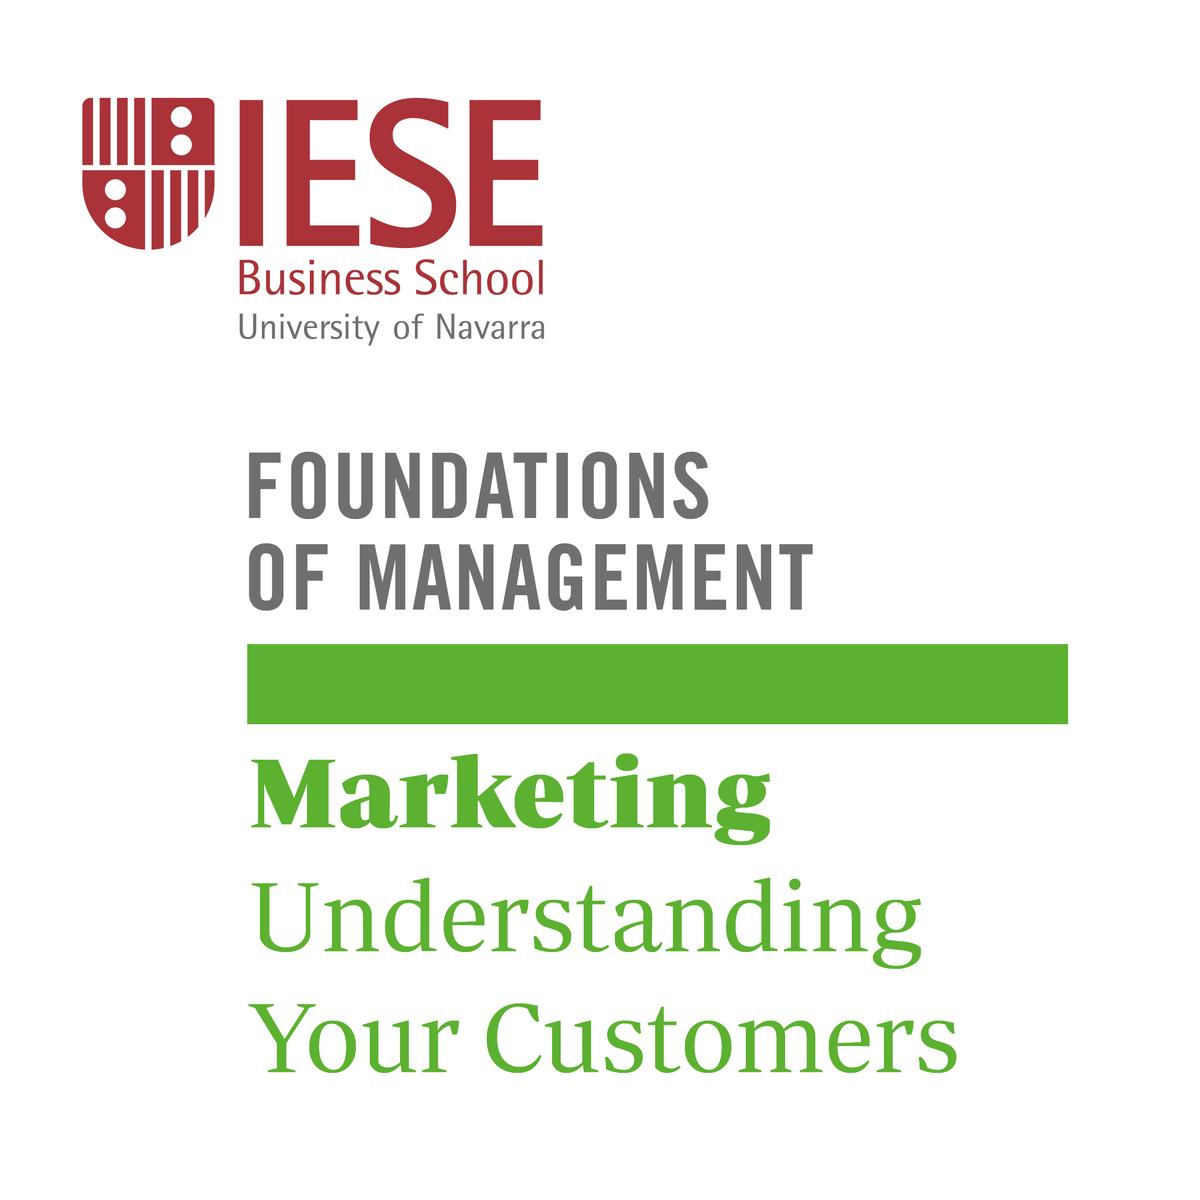 Marketing: Understanding Your Customers